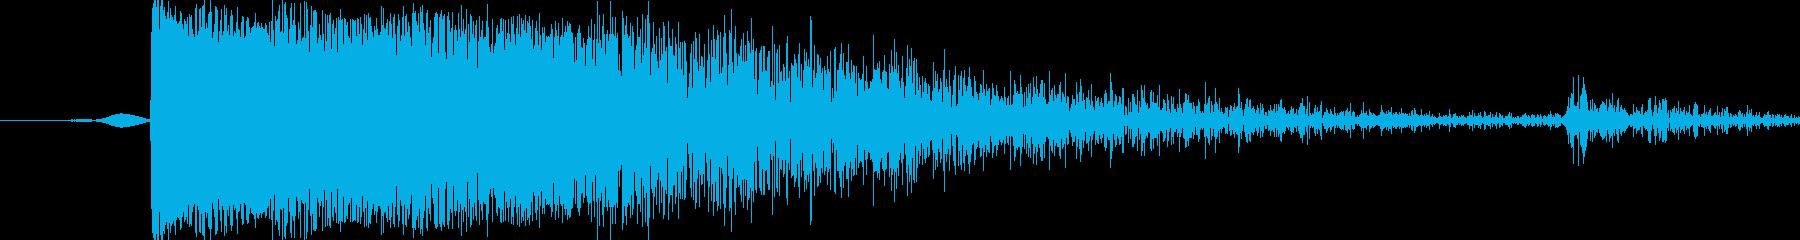 メタルヒット8の再生済みの波形